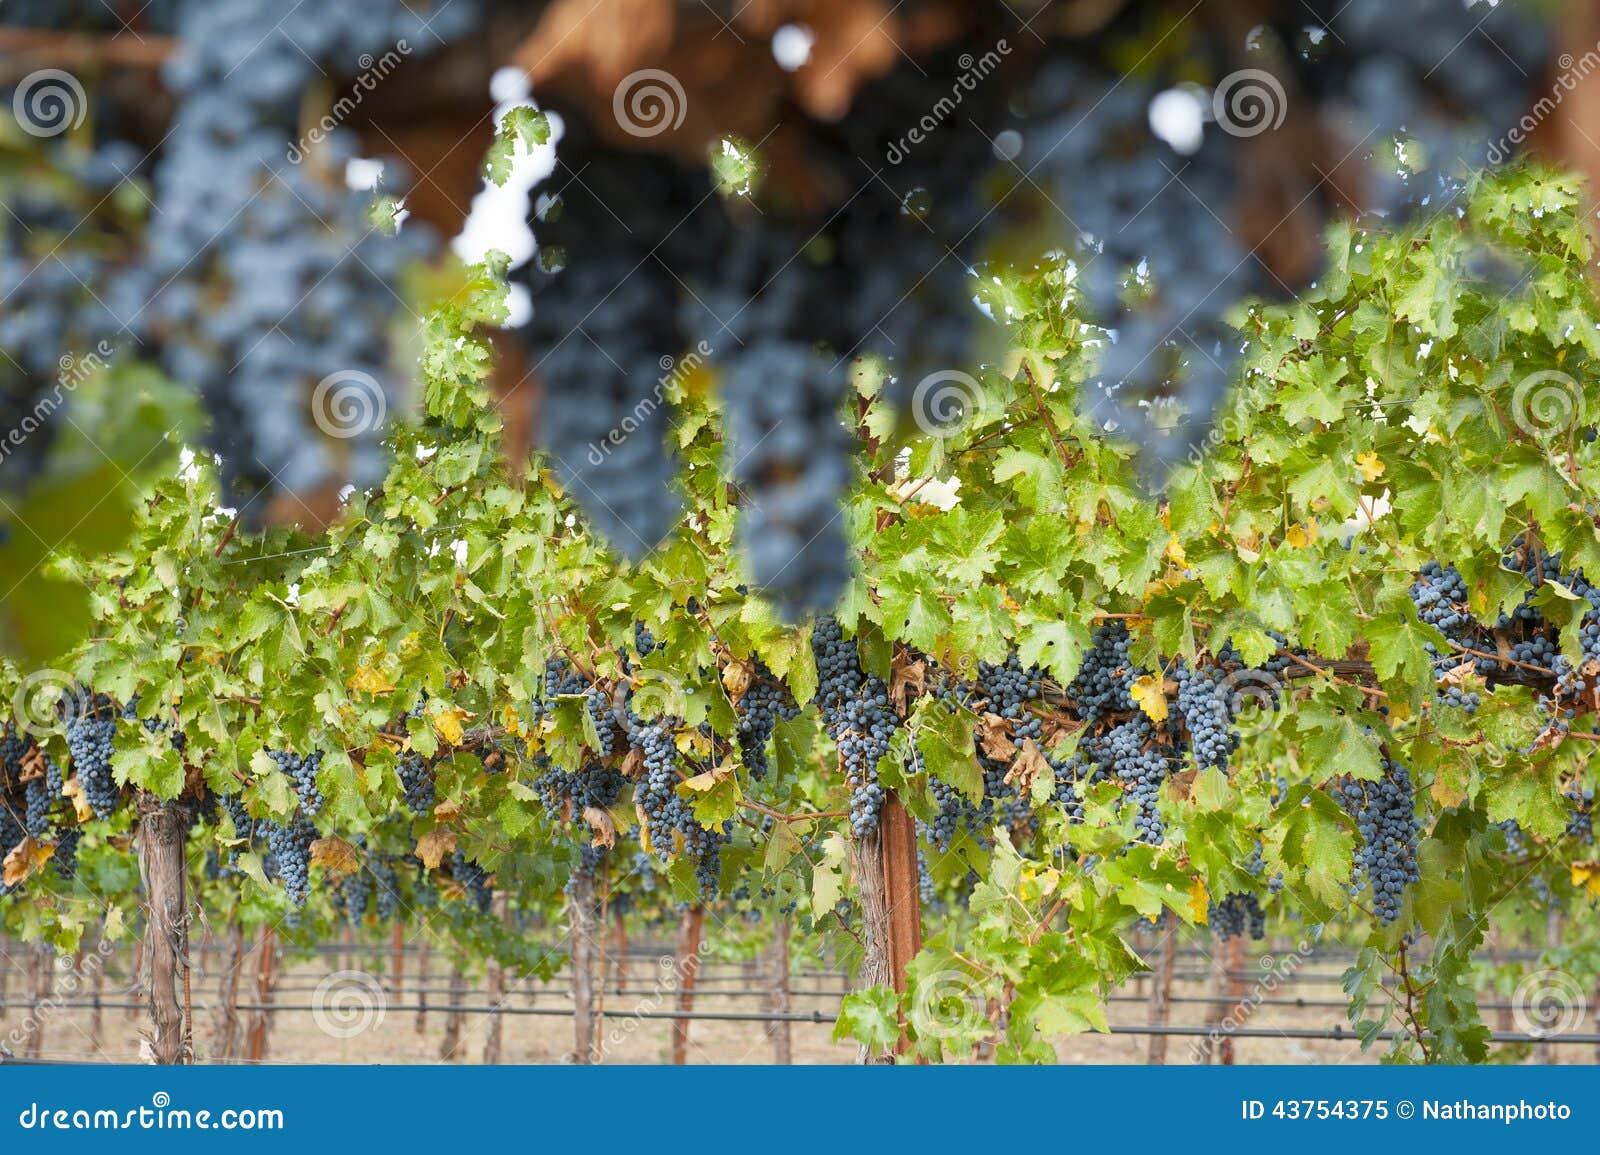 垂悬的有机葡萄酒,加利福尼亚